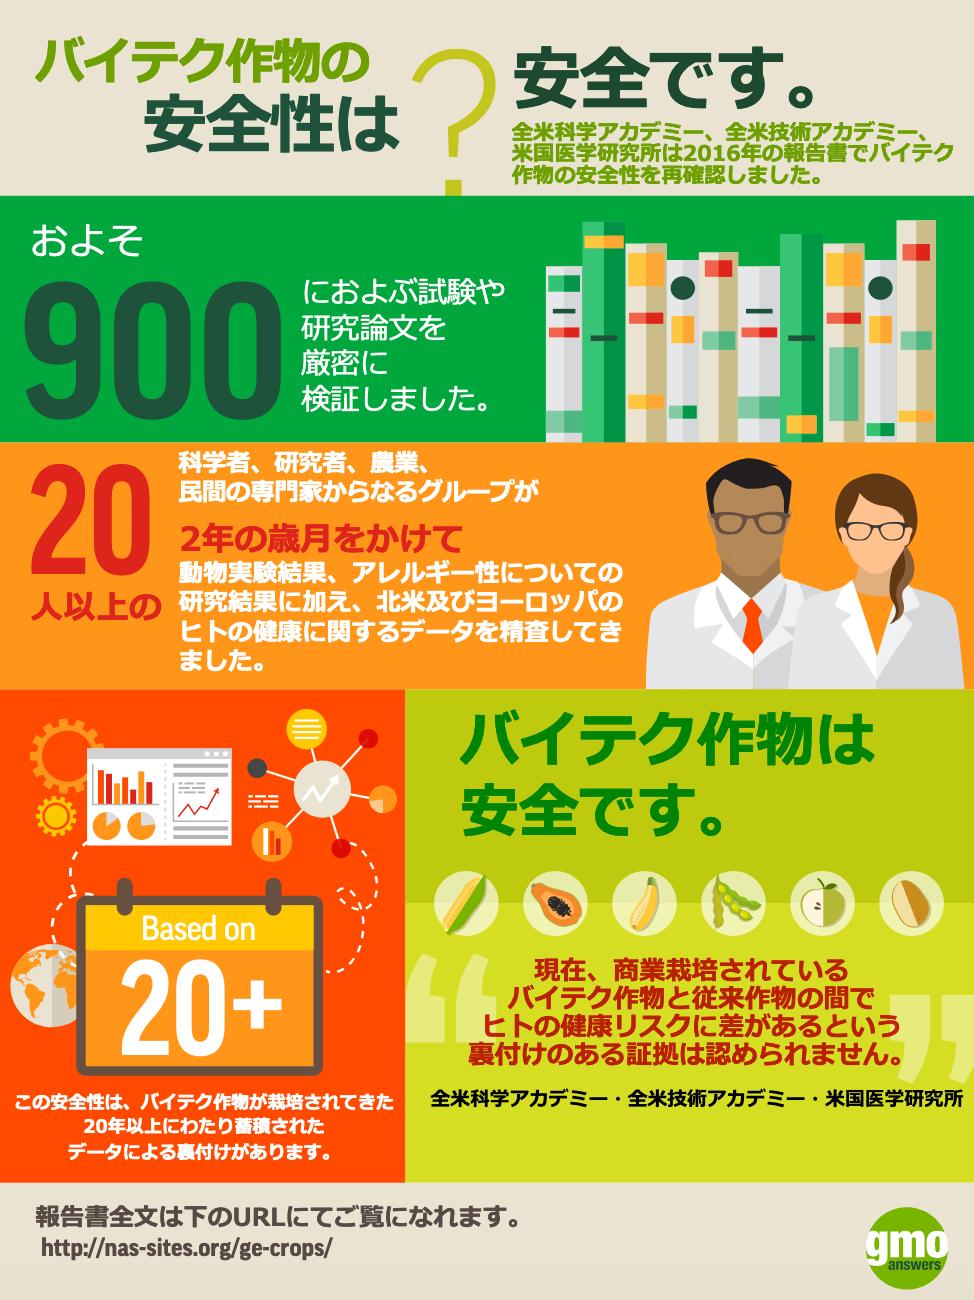 GMO Safety Data Card - JA